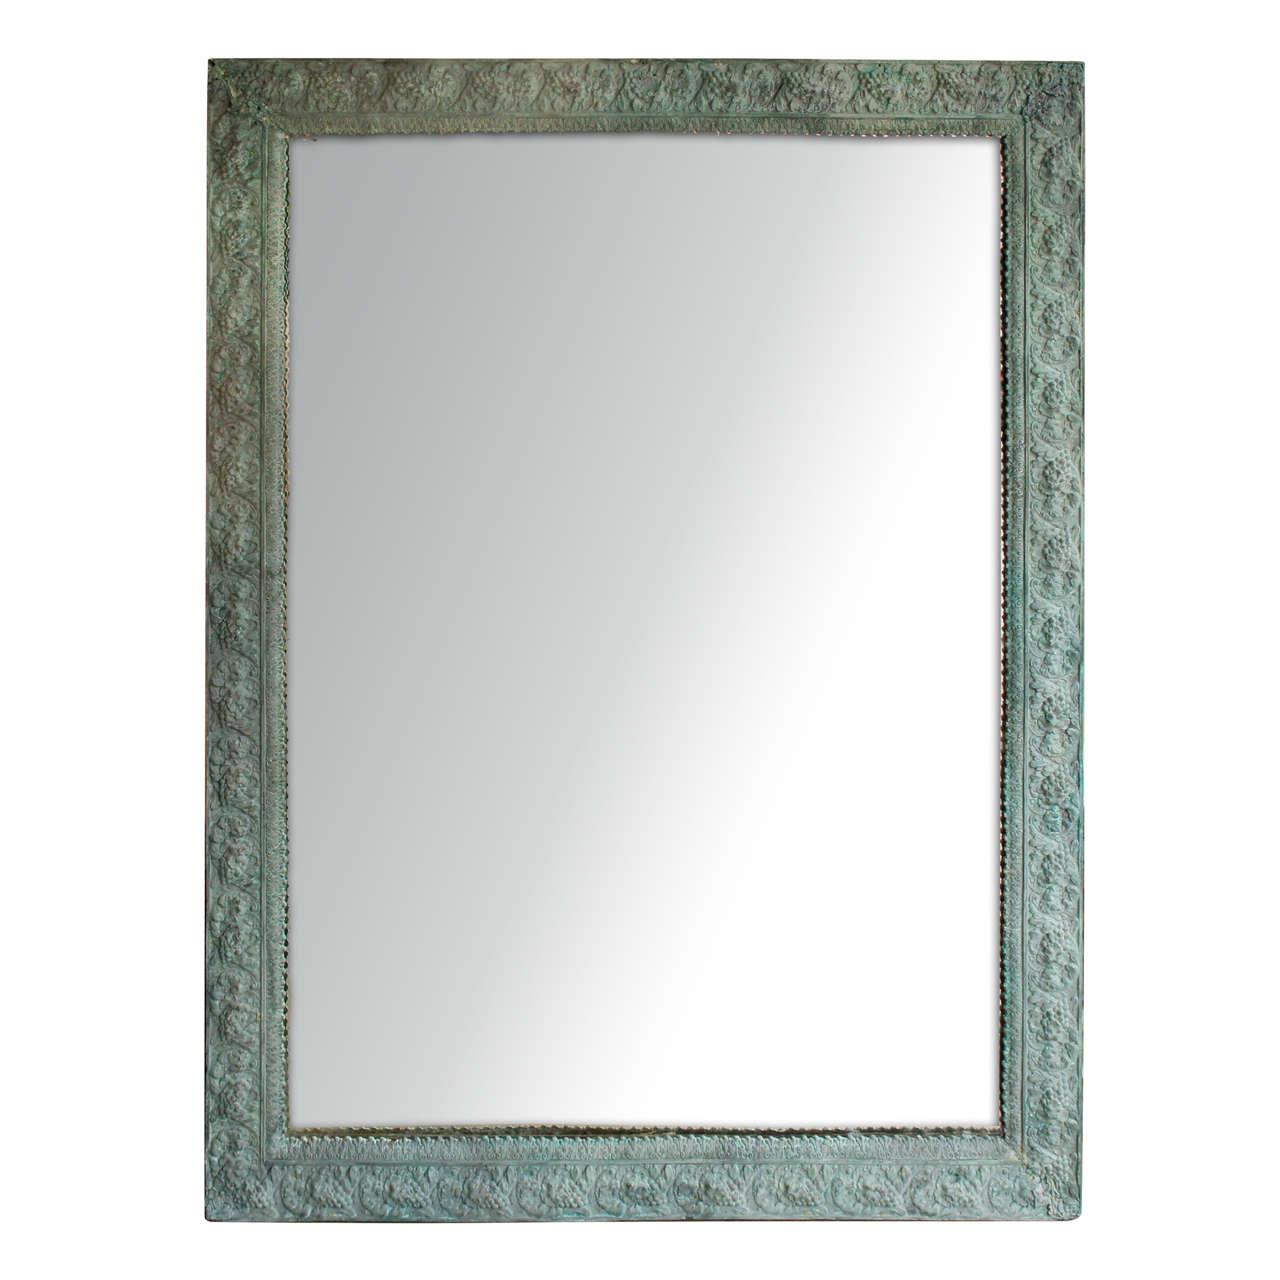 for Big framed mirror